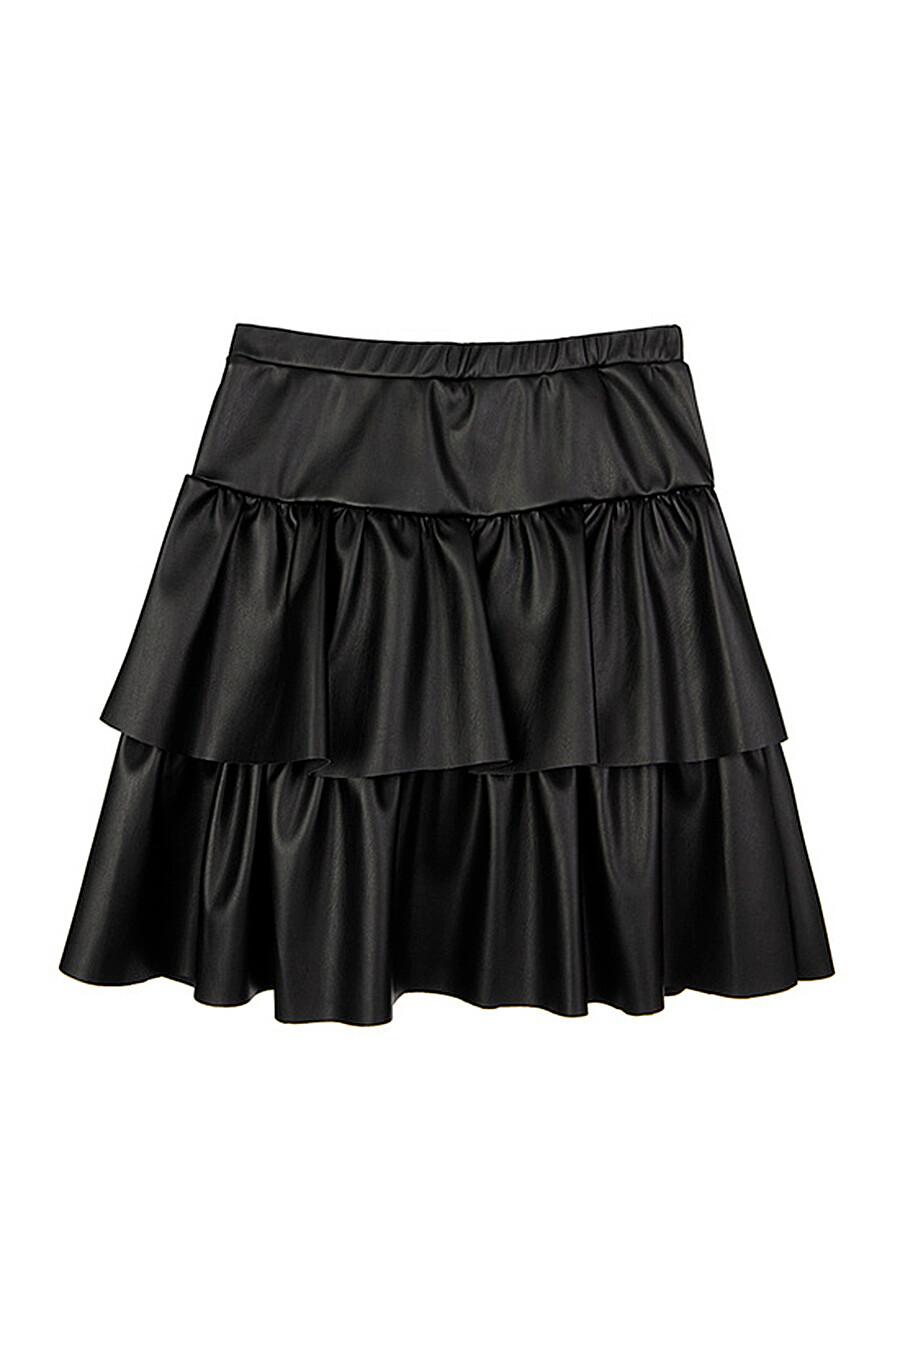 Юбка для девочек PLAYTODAY 239339 купить оптом от производителя. Совместная покупка детской одежды в OptMoyo